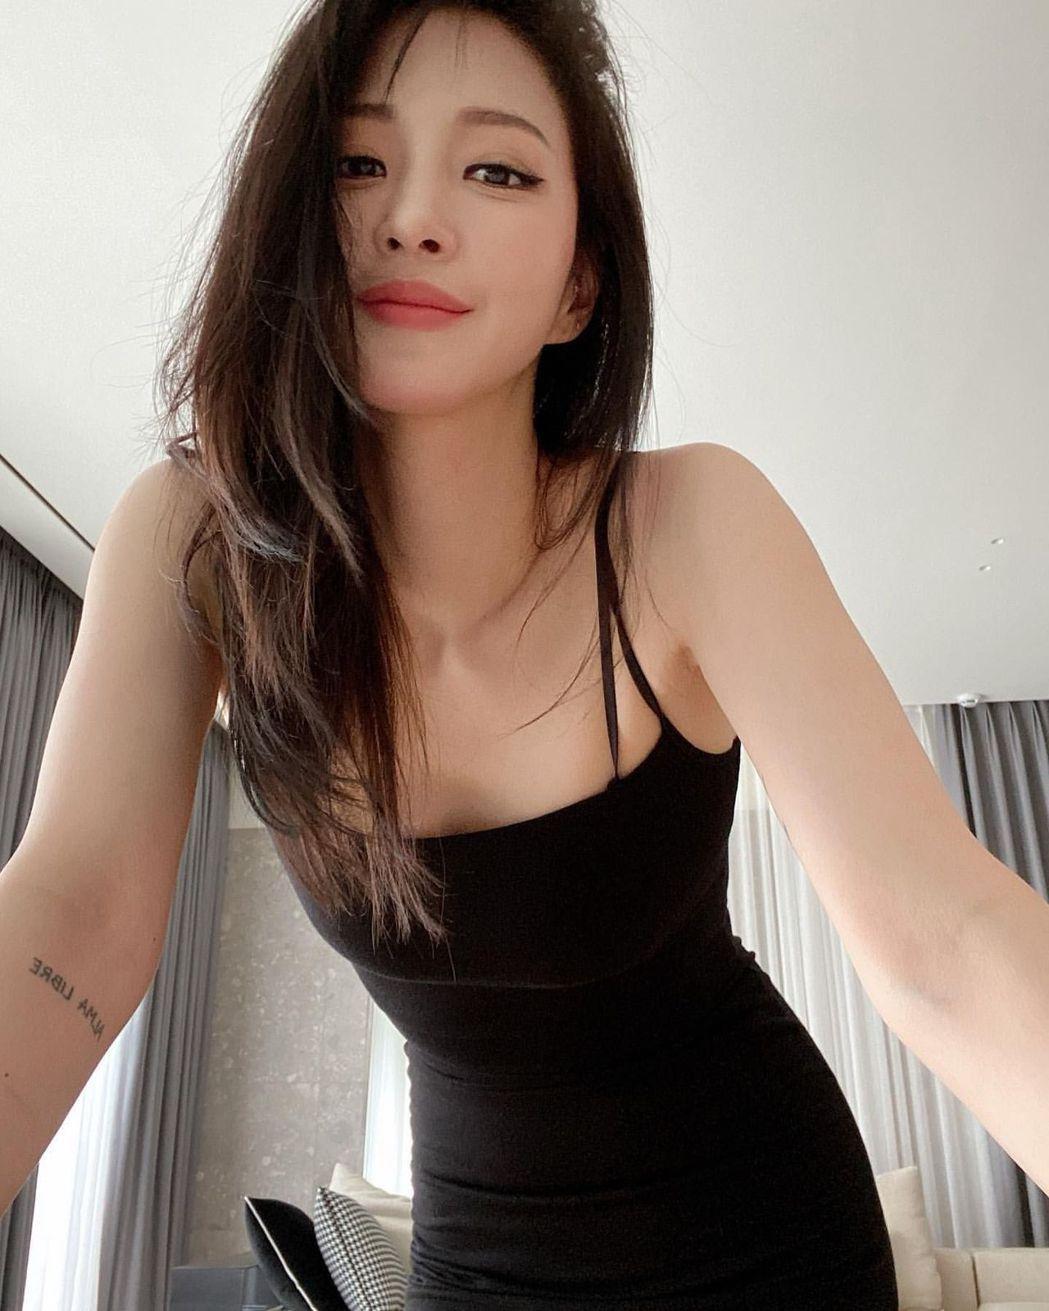 39歲女神韓藝瑟突然在IG認愛,被韓媒盛讚「神似李帝勳」。圖/摘自IG